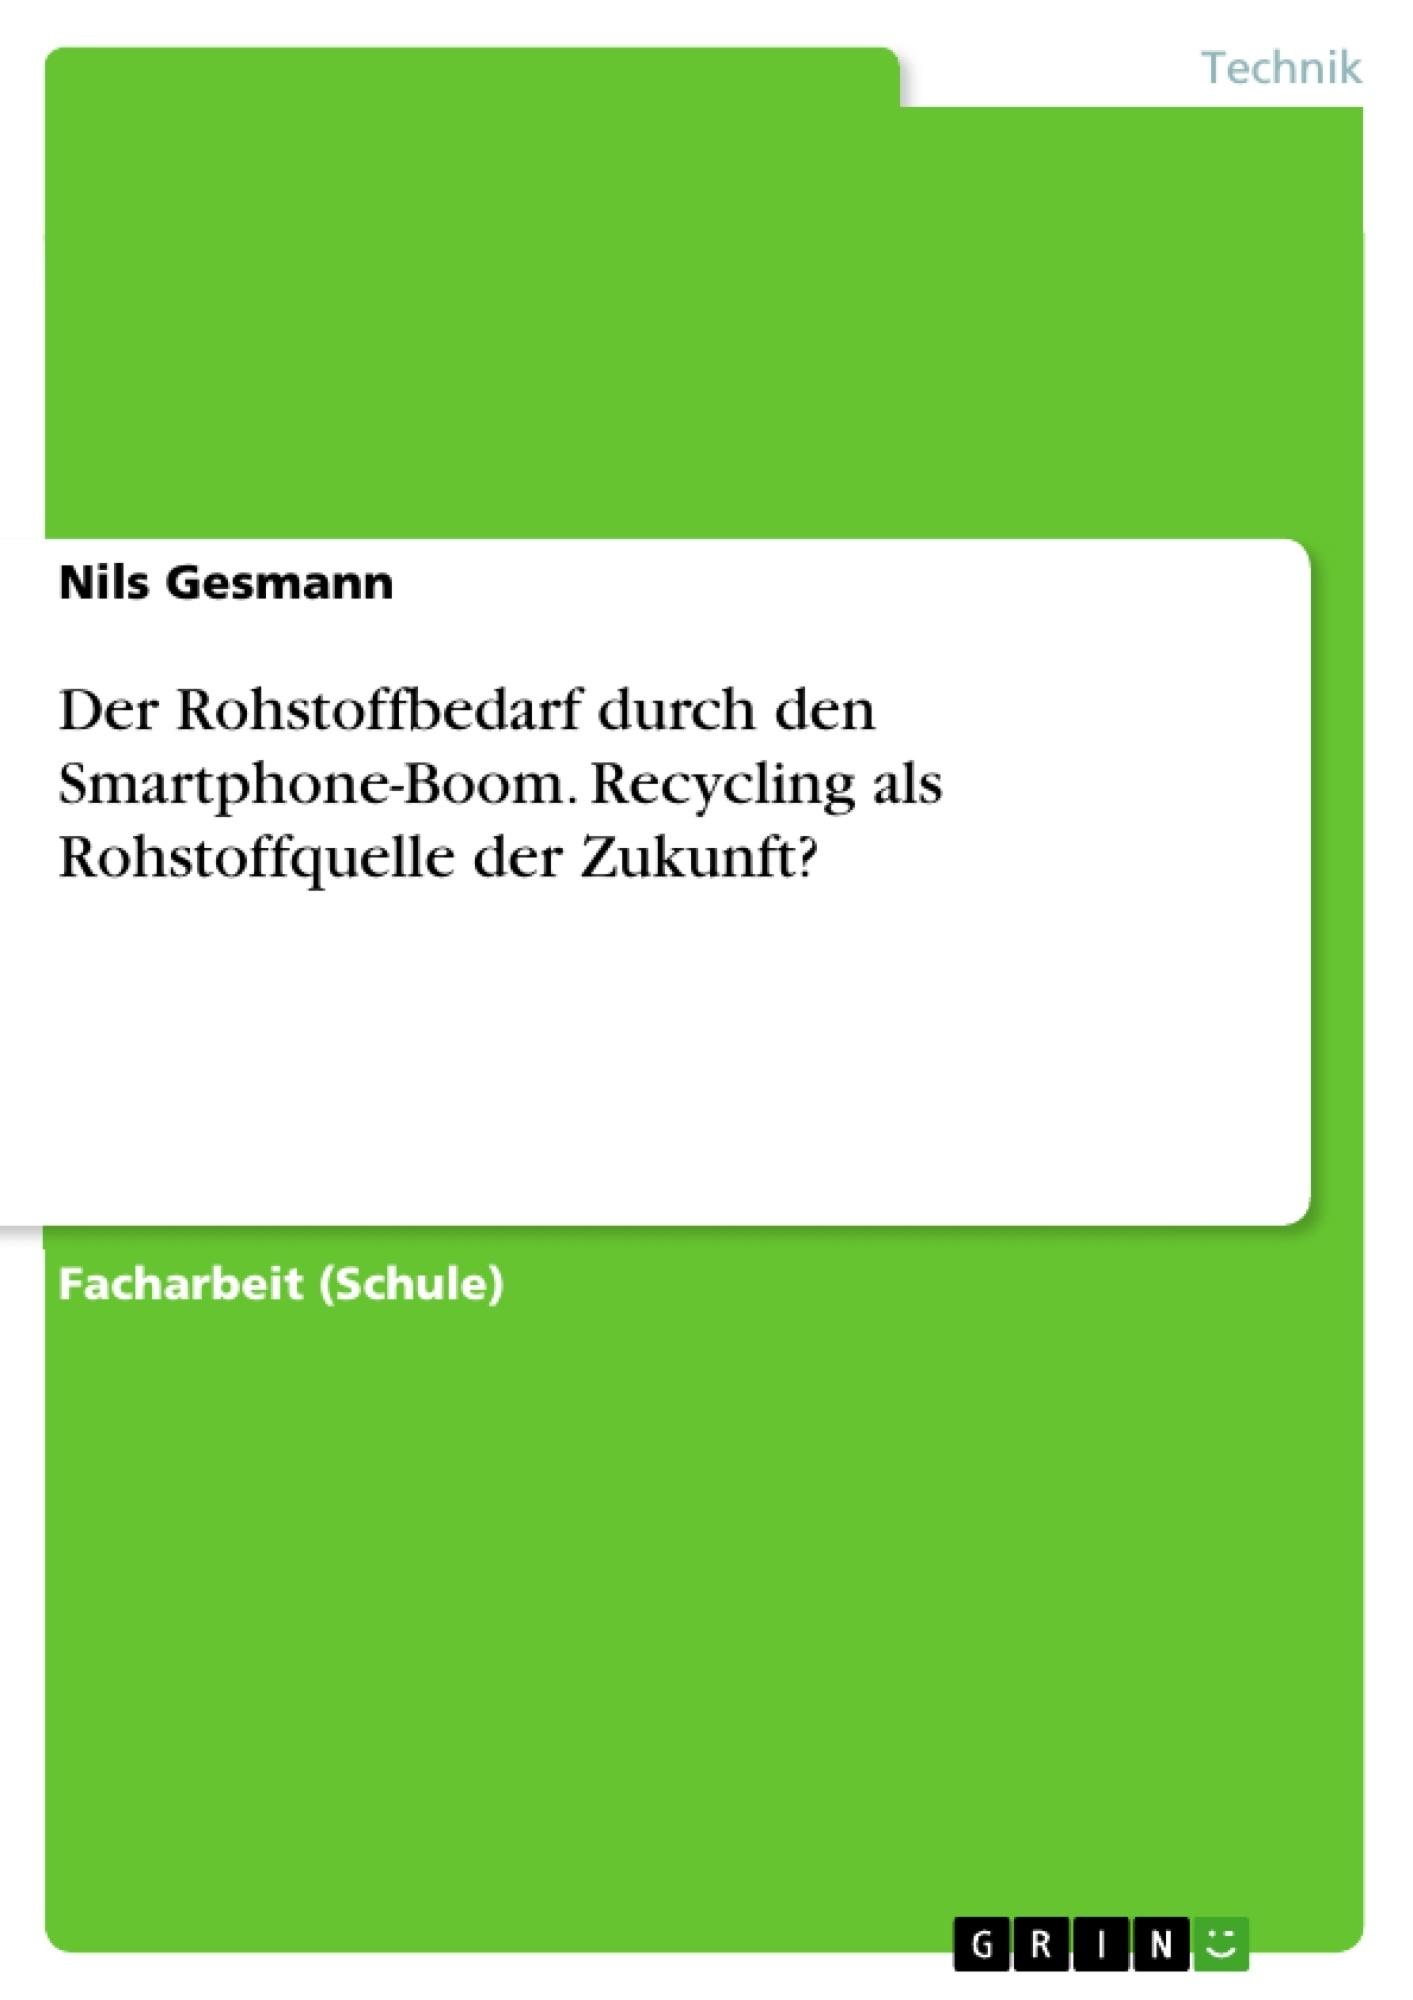 Titel: Der Rohstoffbedarf durch den Smartphone-Boom. Recycling als Rohstoffquelle der Zukunft?